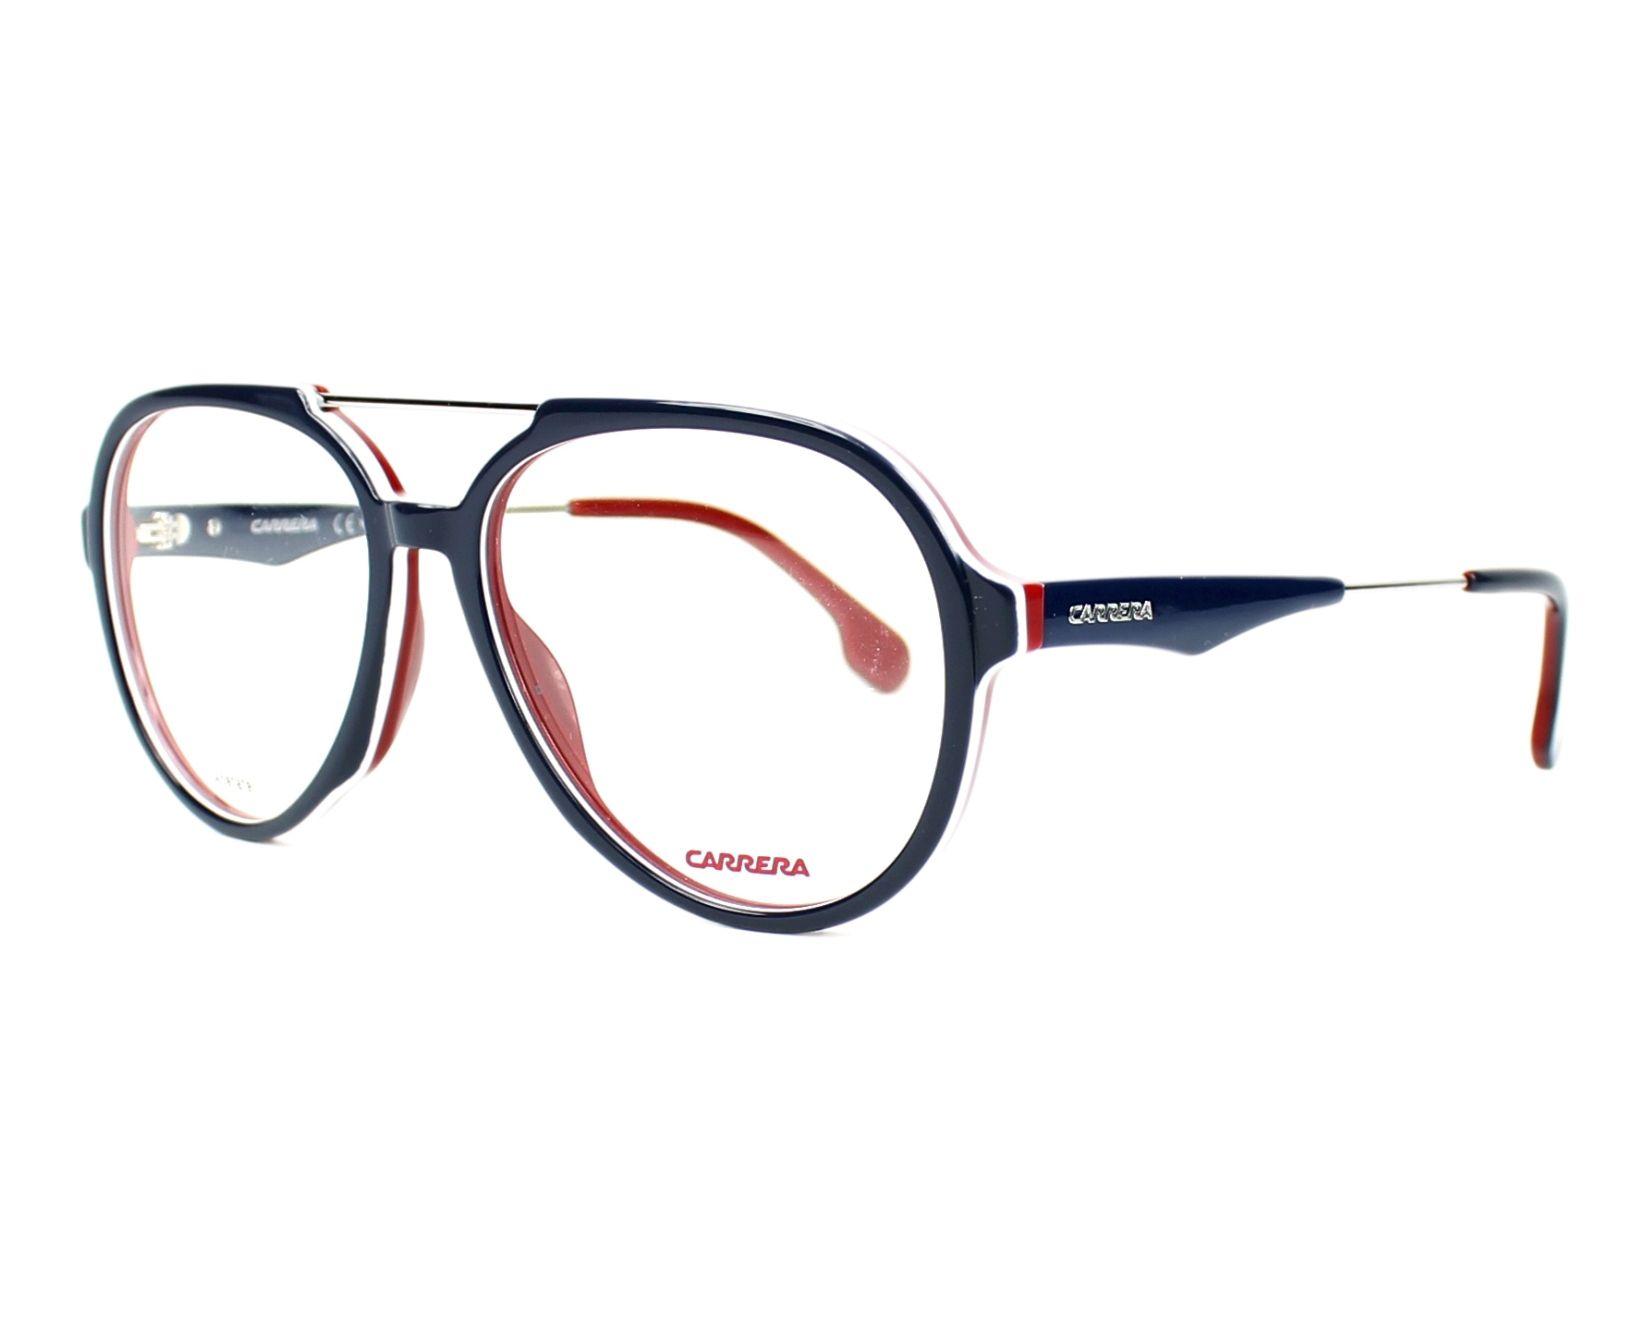 Groß Carrera Brillenfassungen Ideen - Benutzerdefinierte ...